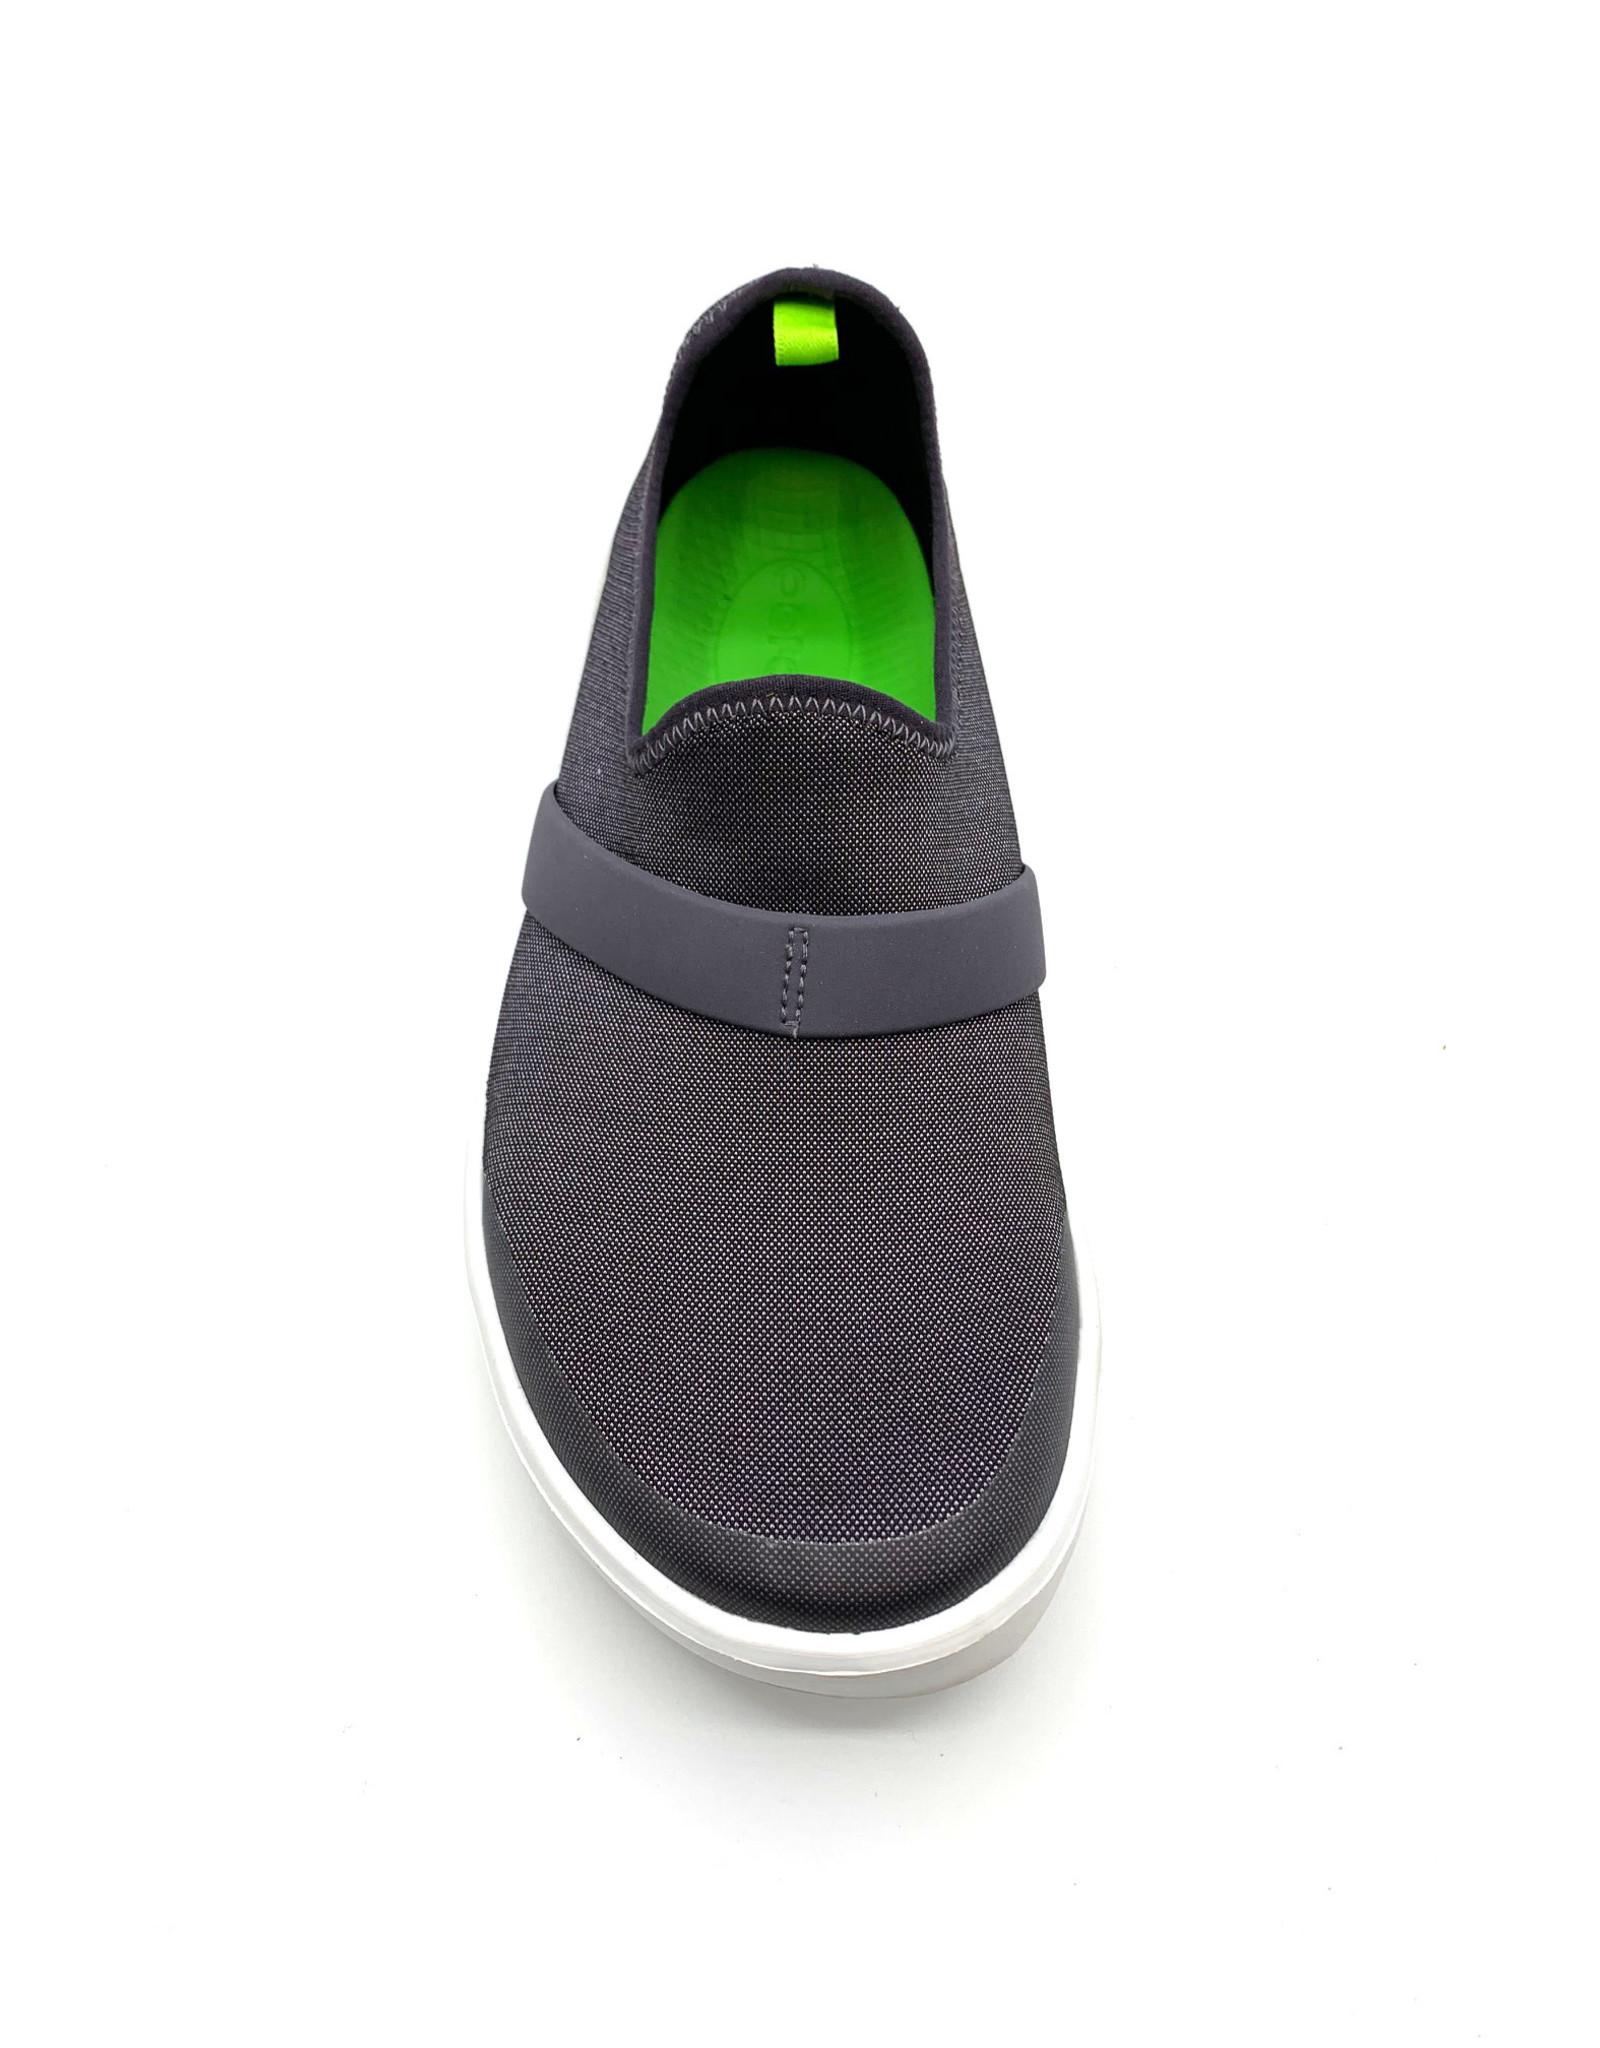 Oofos OOmg, Fibre Shoe